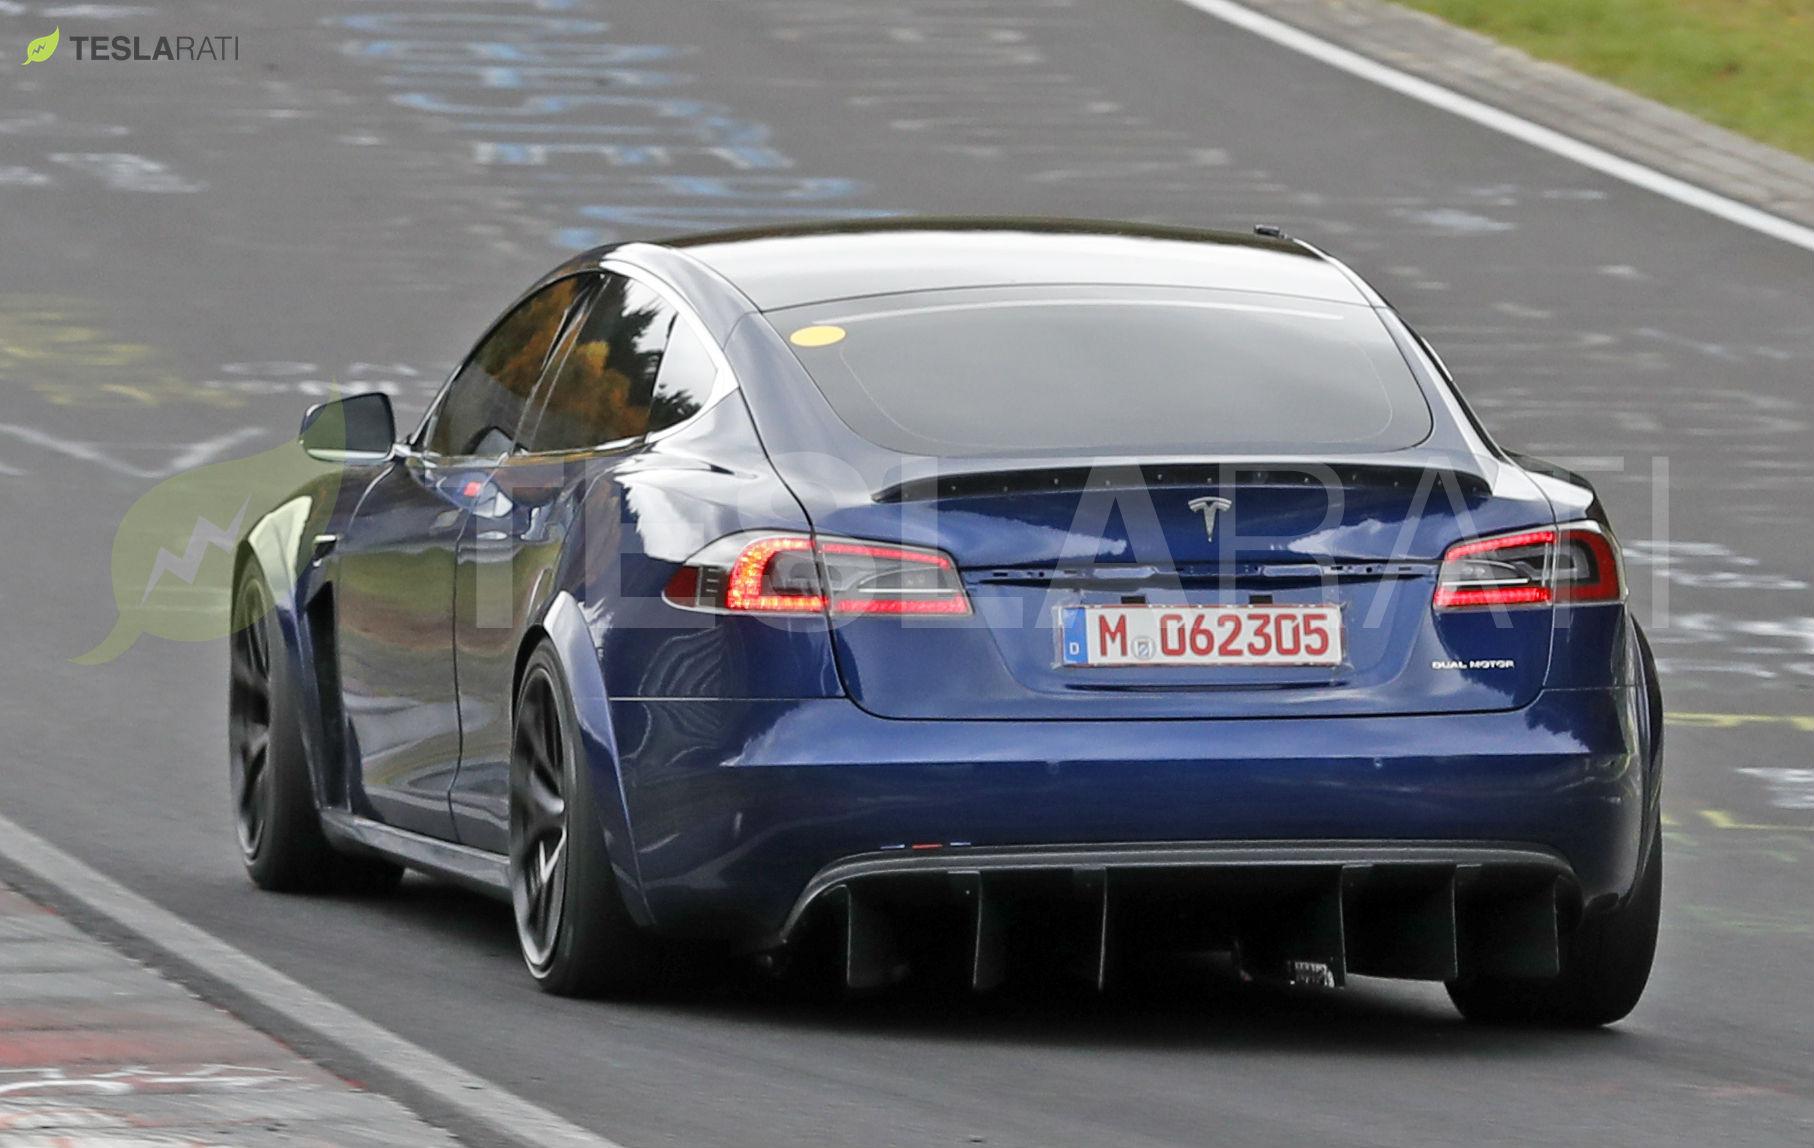 Tesla Model S Plaid может потребоваться использовать парашют при гонках по драг-полосам